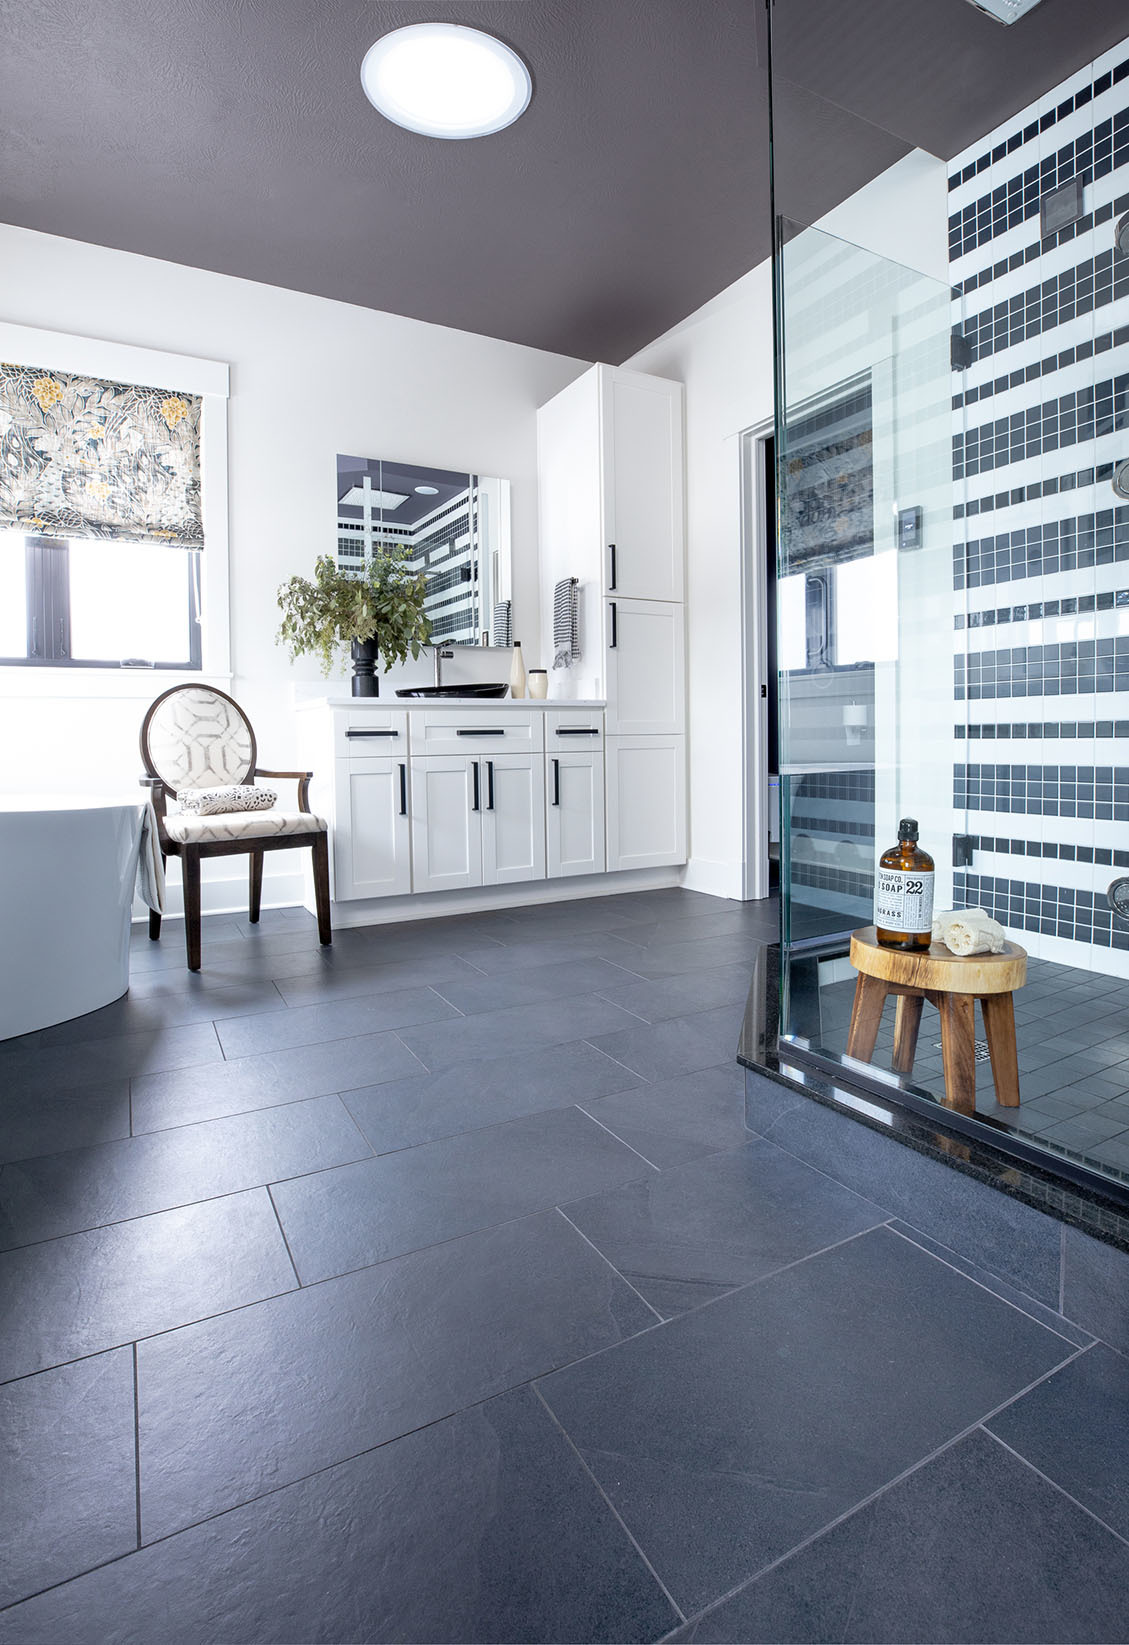 Tiled-shower-master-bathroom-sun-tunnel-skylight3.jpg#asset:5985